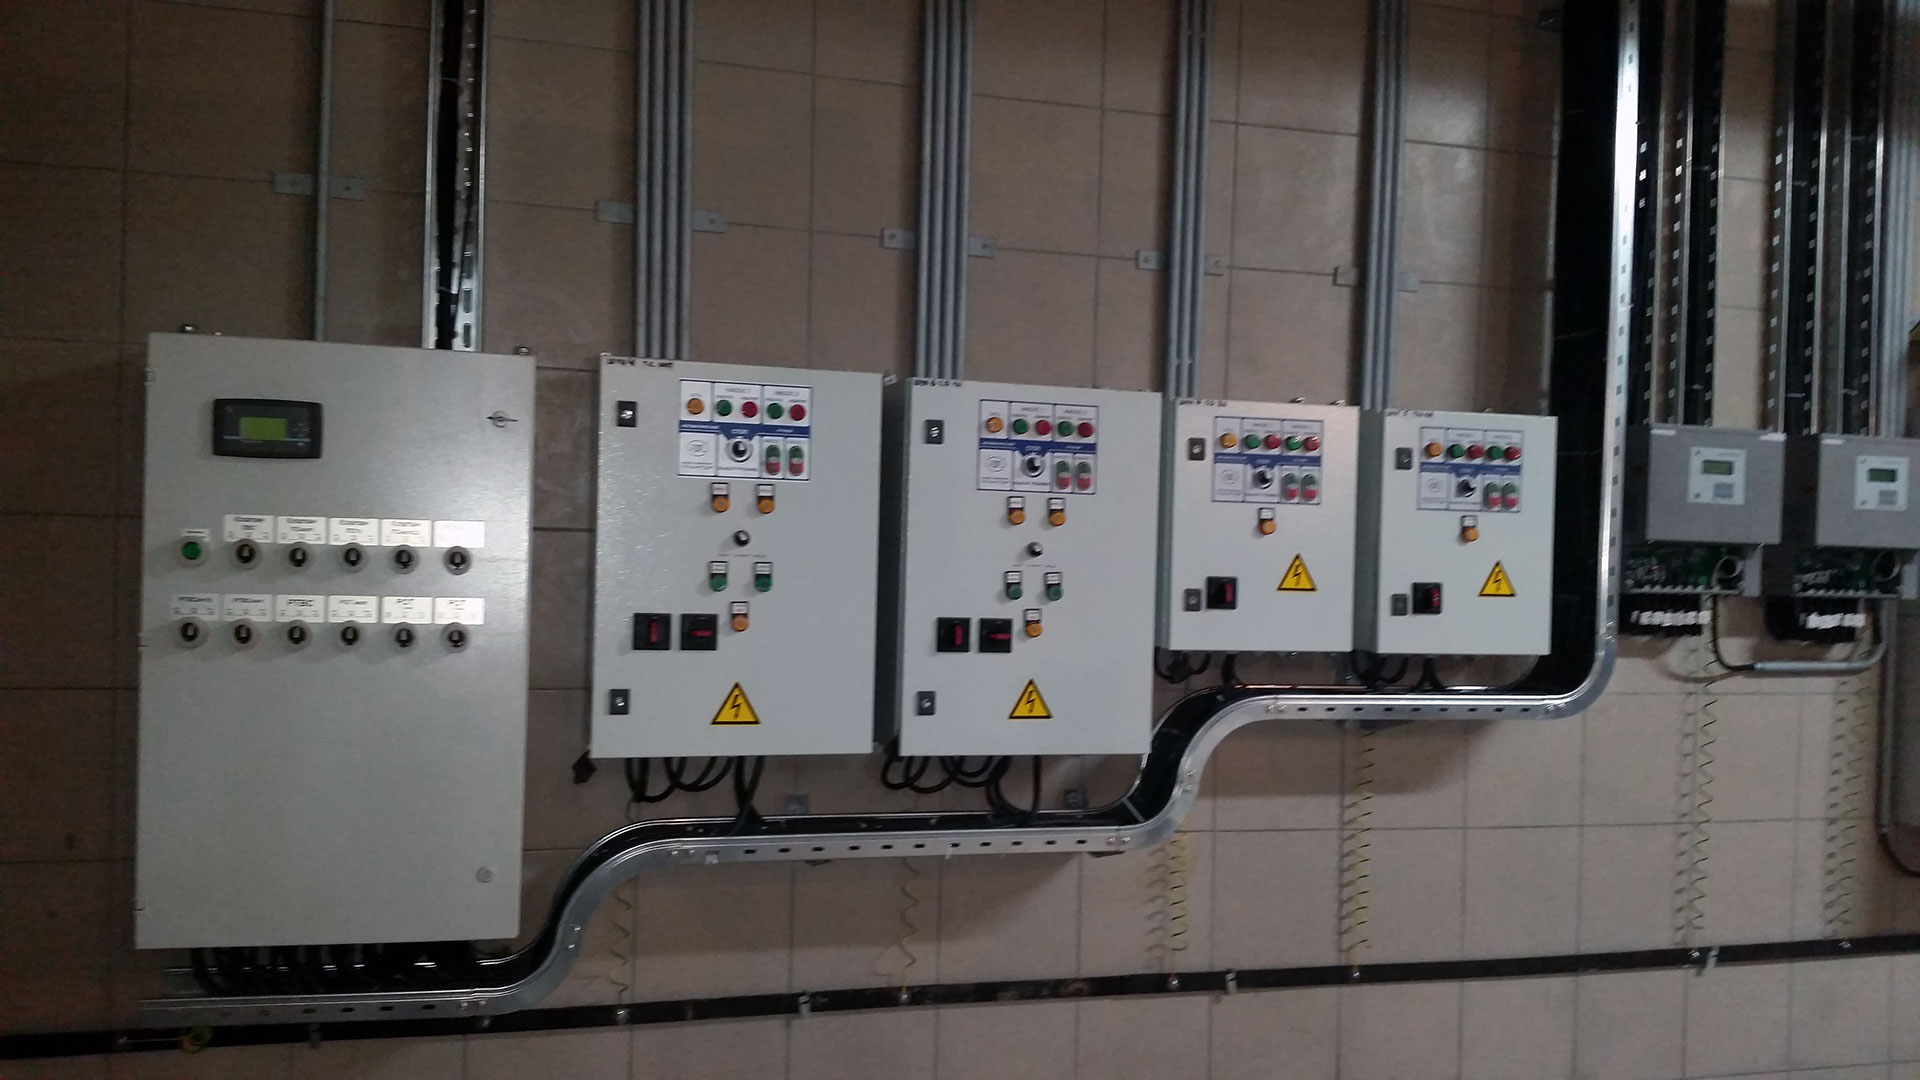 Шкафы управления и автоматизации, Трансформер SL, Шкаф Управления насосами ГРАНТОР, Шкаф узла учета тепловой энергии (УУТЭ) ВИСТ (ВИС.Т)